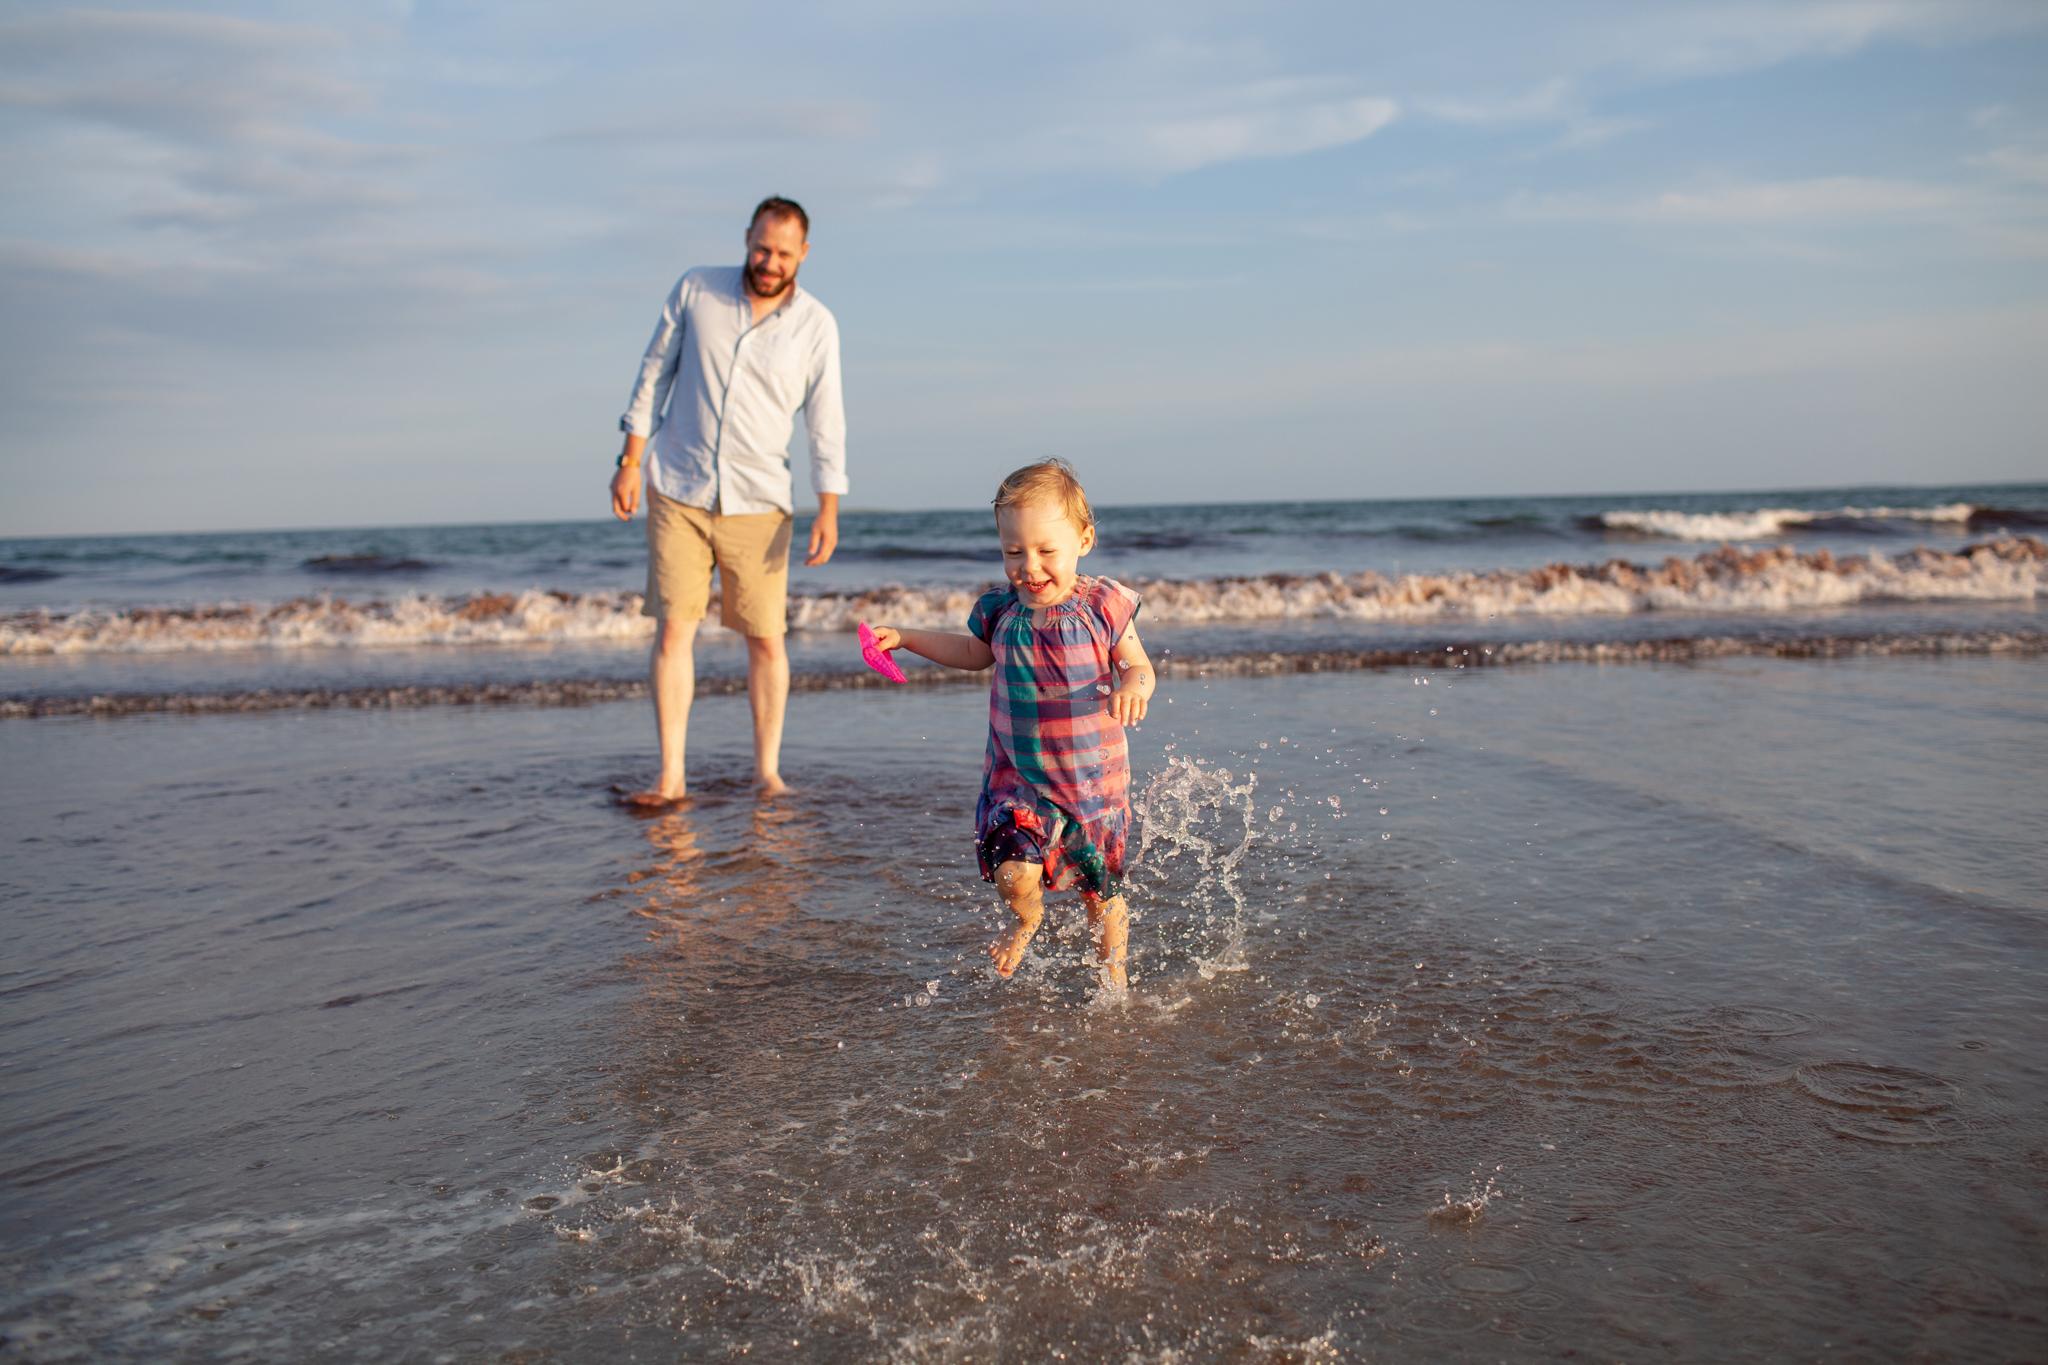 maine-family-photography-pine-point- beach-58.jpg